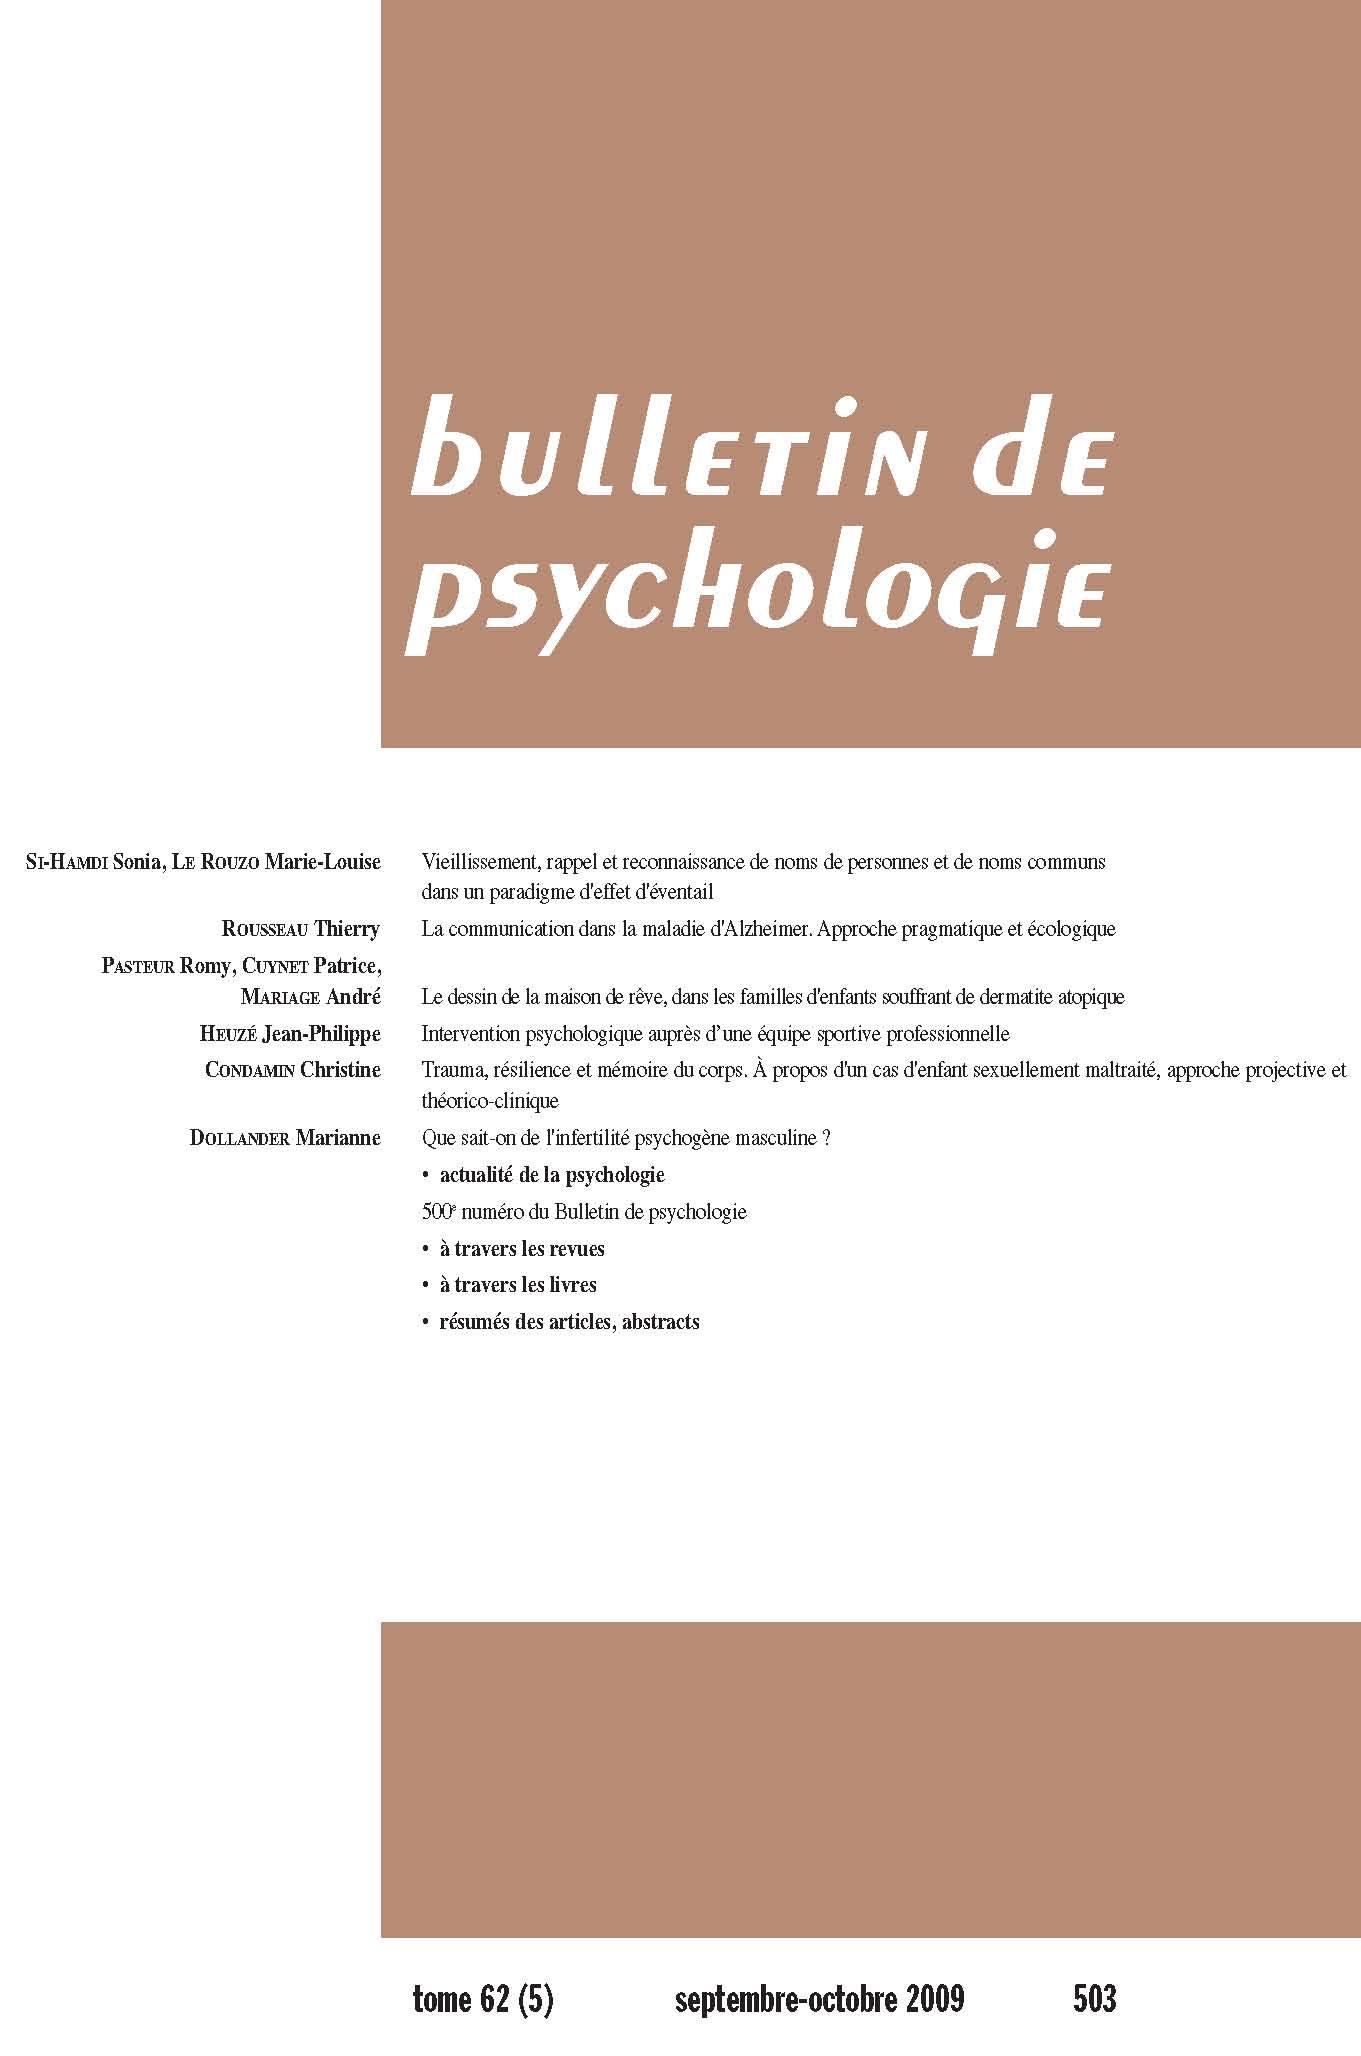 livre infertilité psychologie